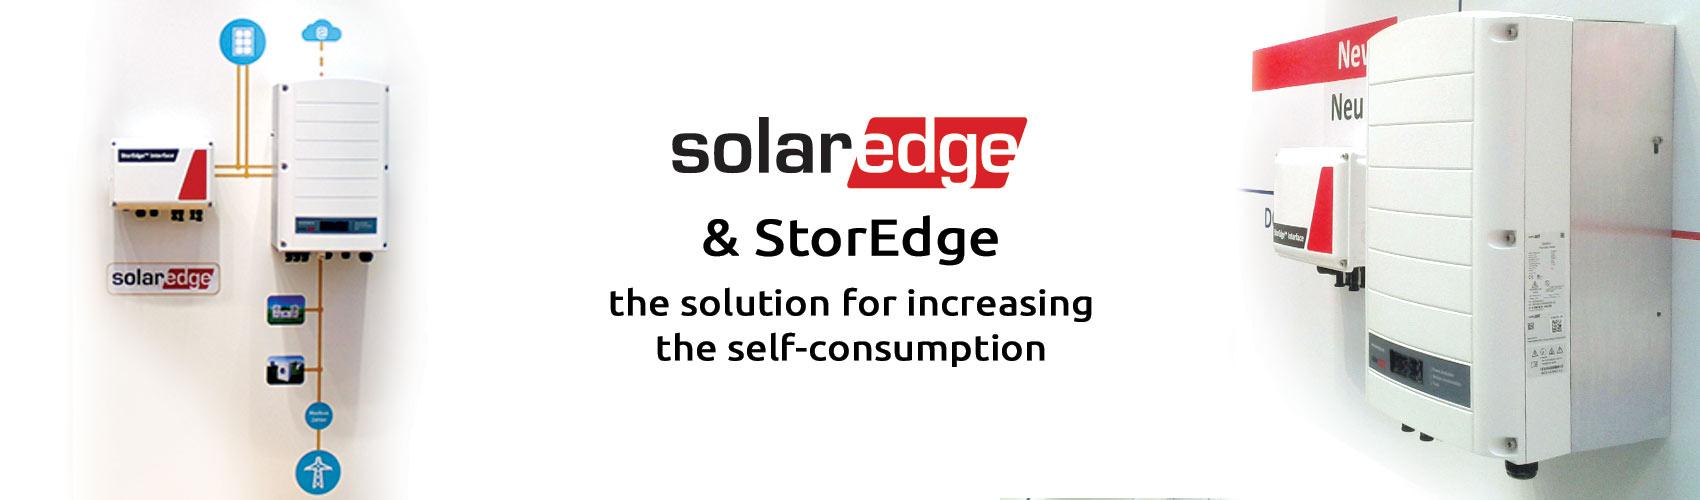 solar-edge-09-02-2016-EN